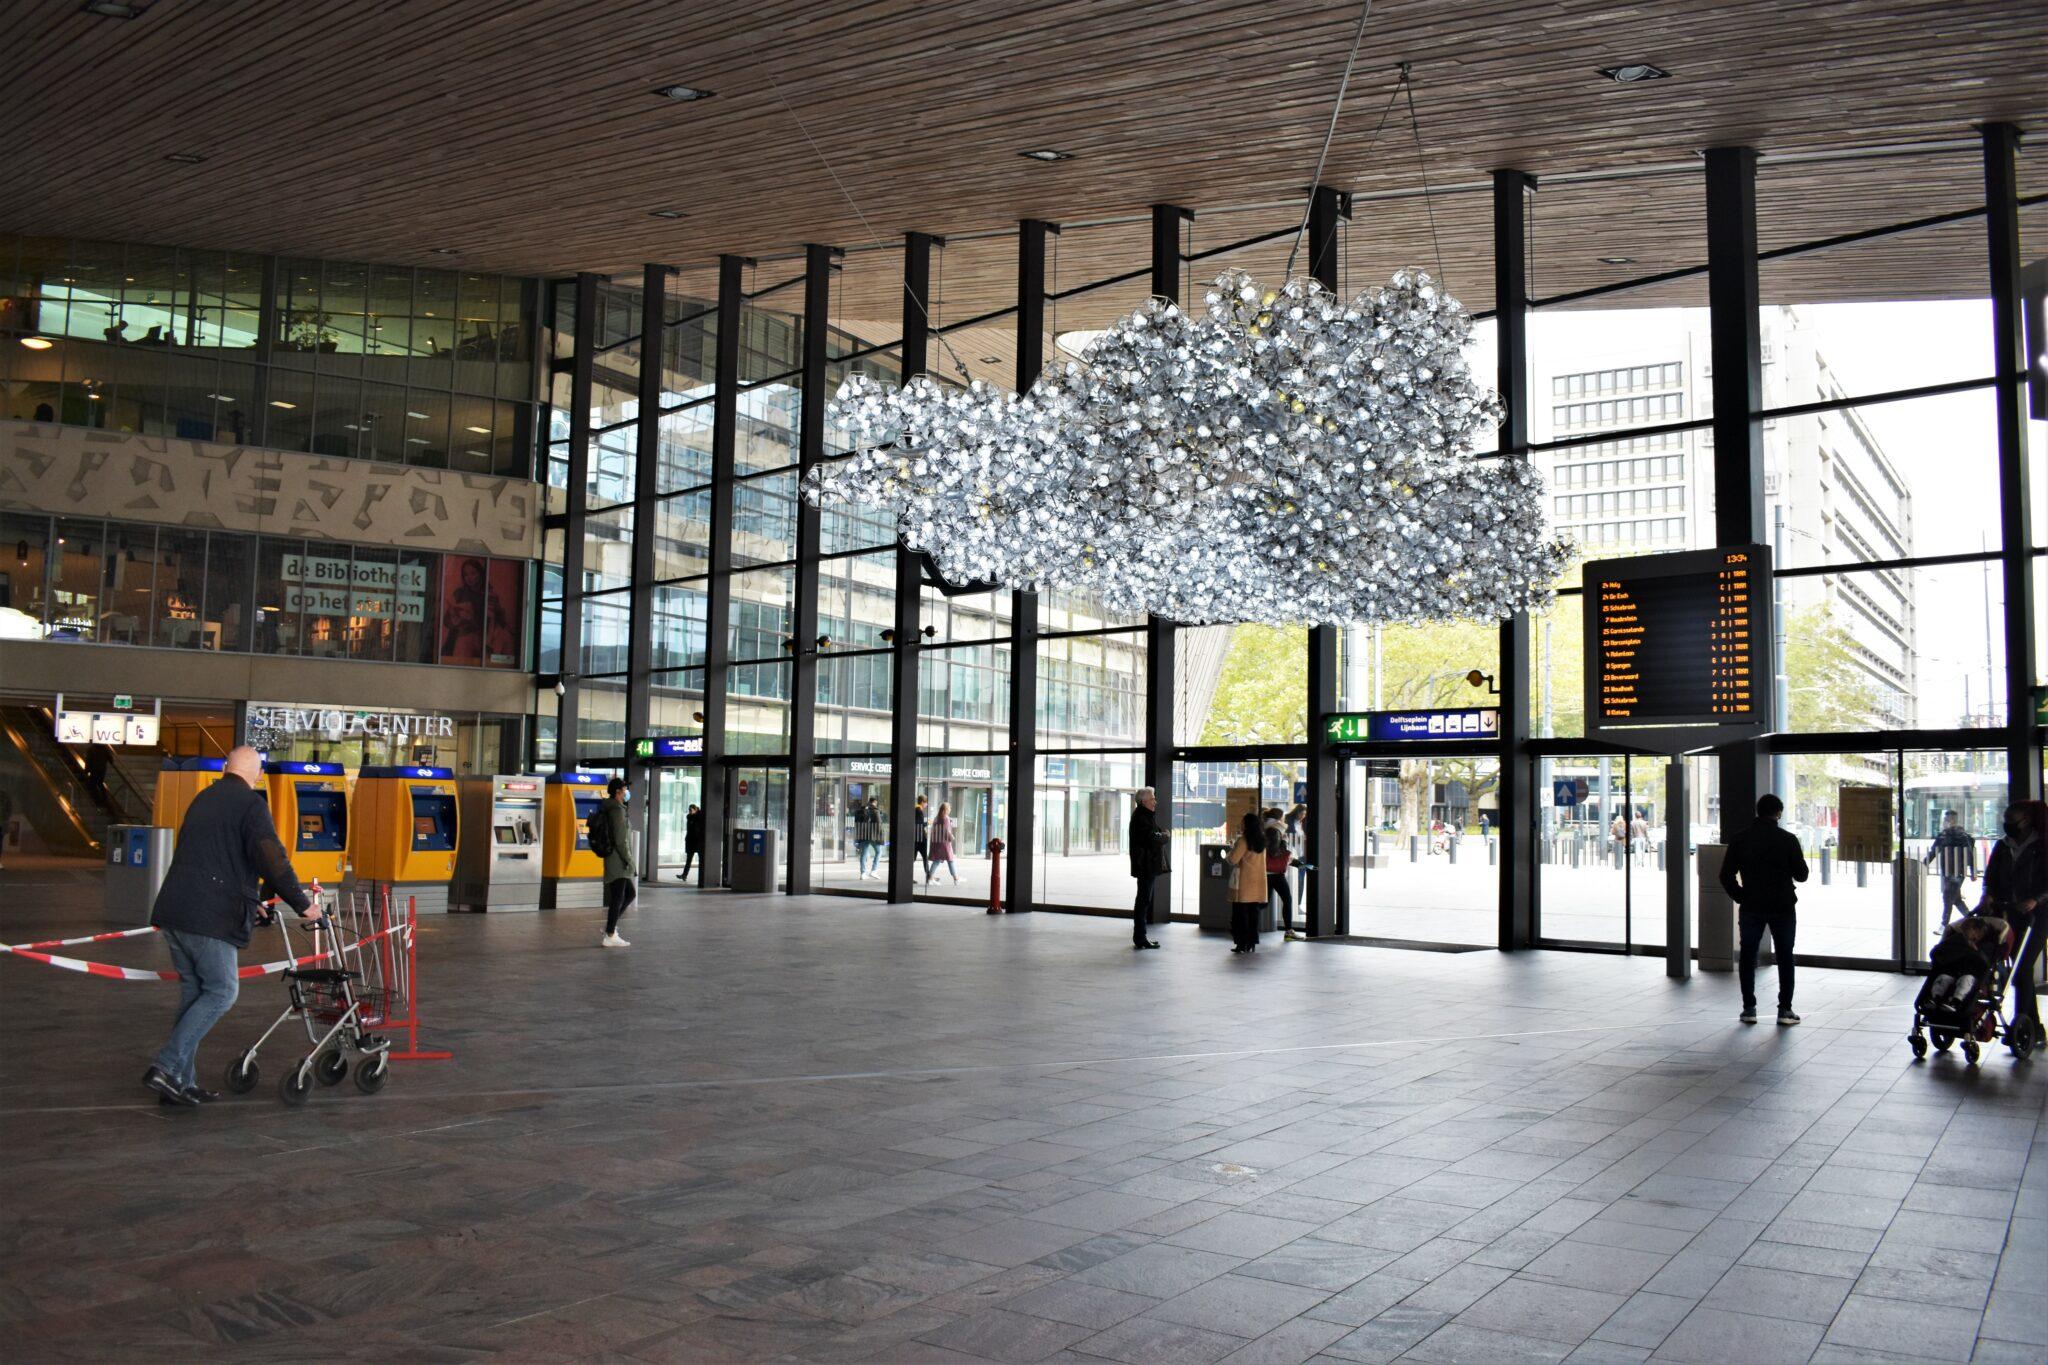 ontmoetingswolk rotterdam centraal station grote hal